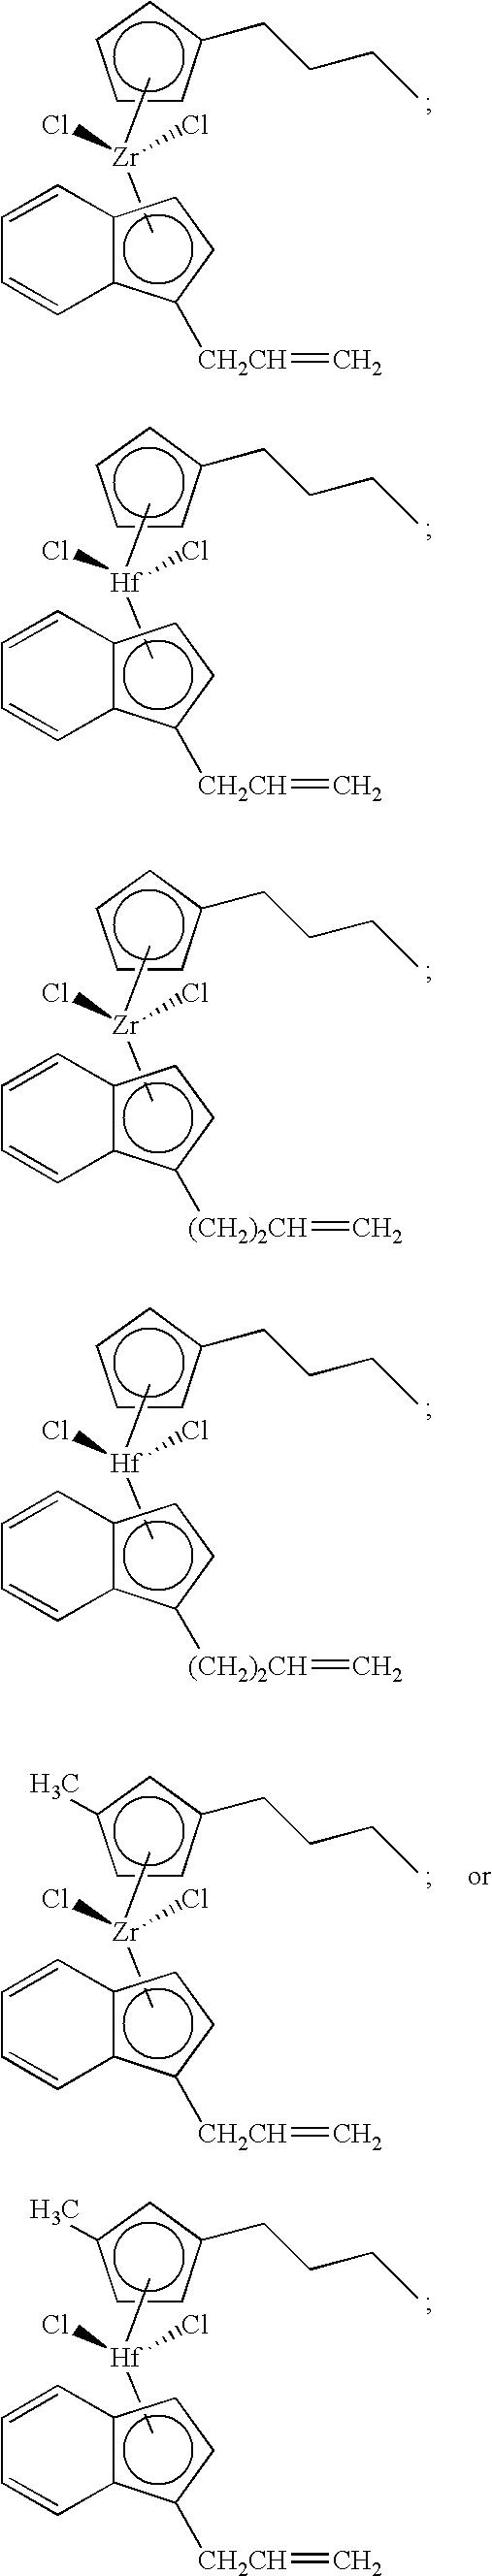 Figure US20100227989A1-20100909-C00018